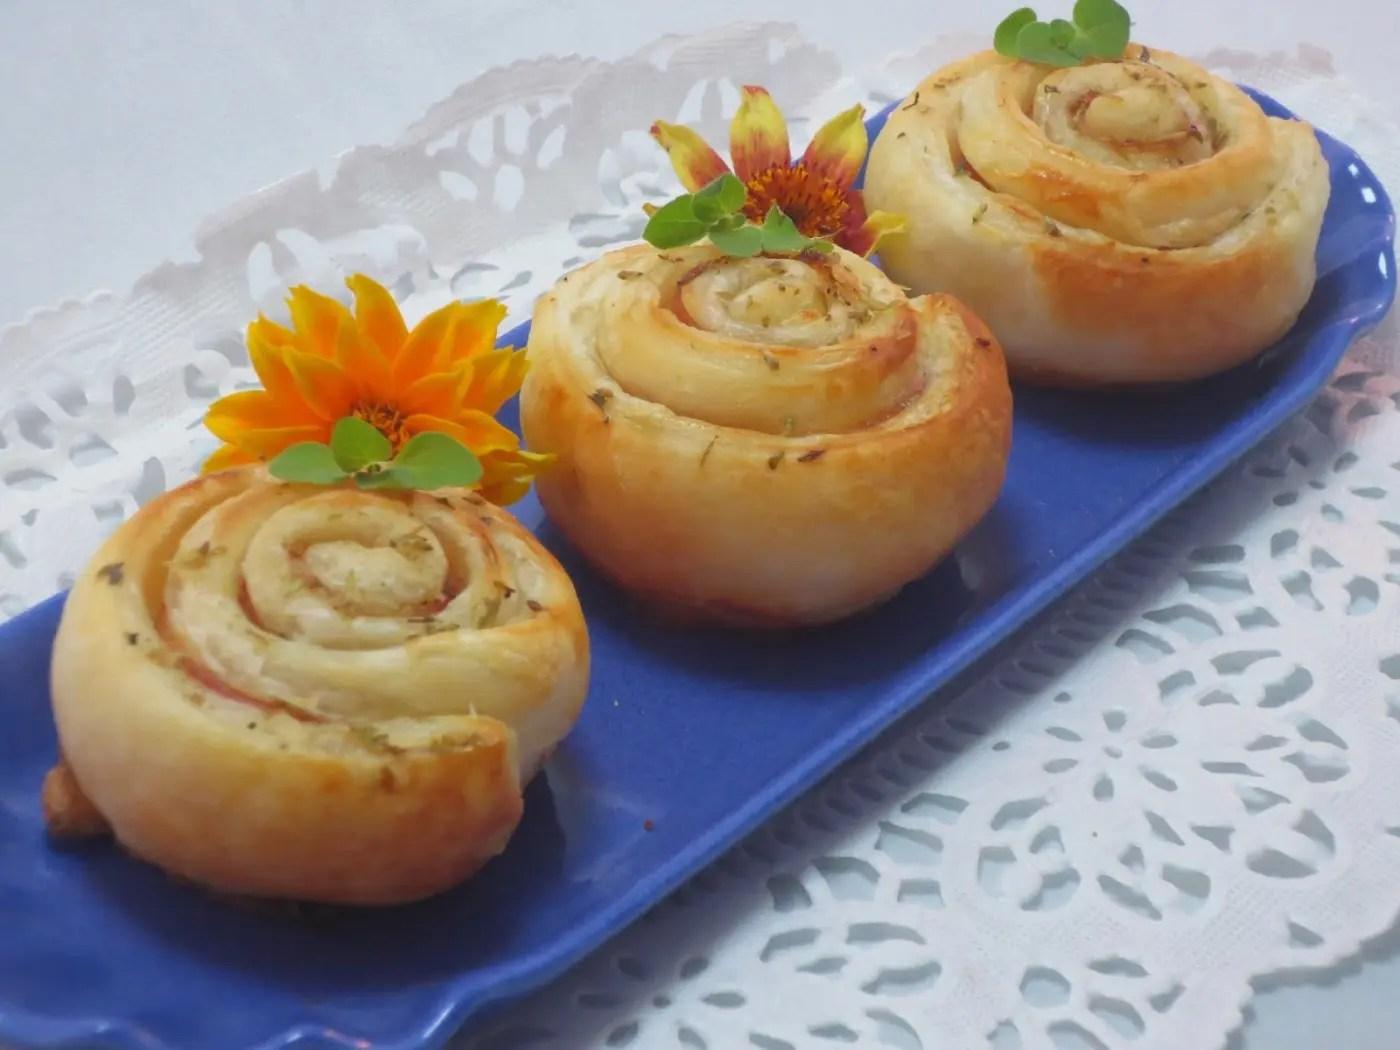 Deliciosos y sencillos platos hechos con pasta hojaldre est n para chuparse los dedos hoy - Platos de pasta sencillos ...